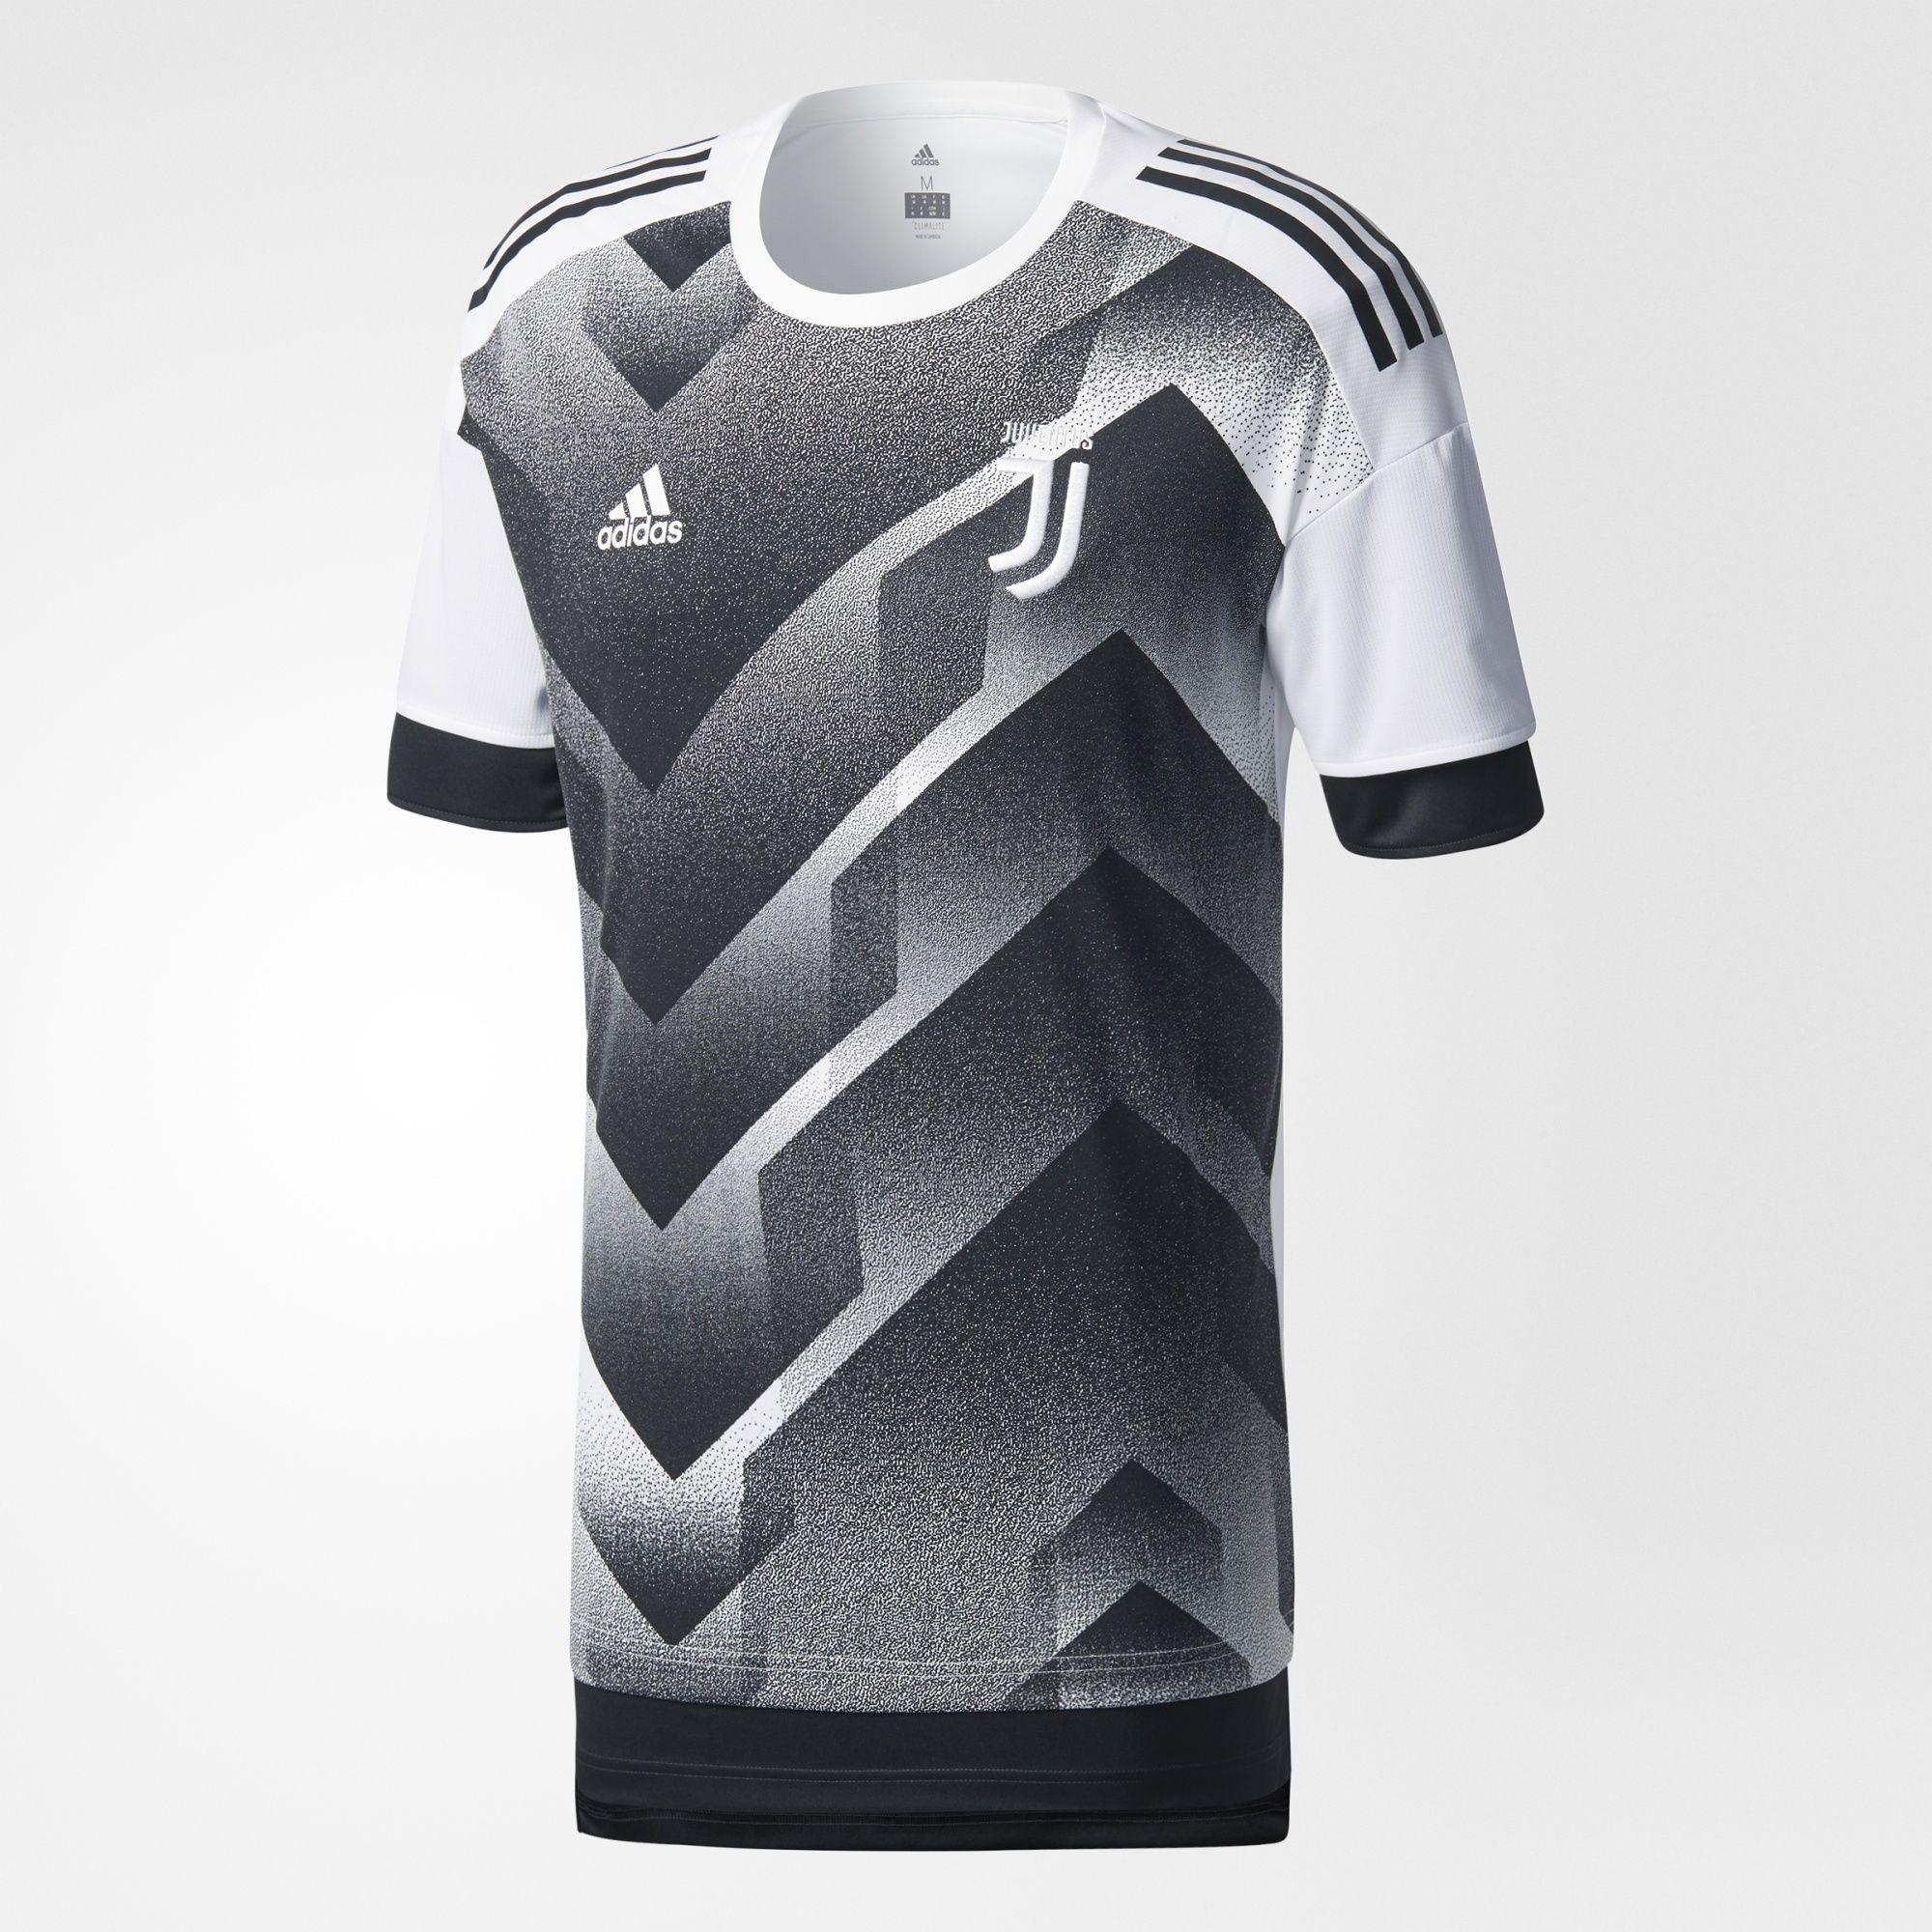 49bf64bddafe3 adidas Juventus Pre Match Jersey 17 18